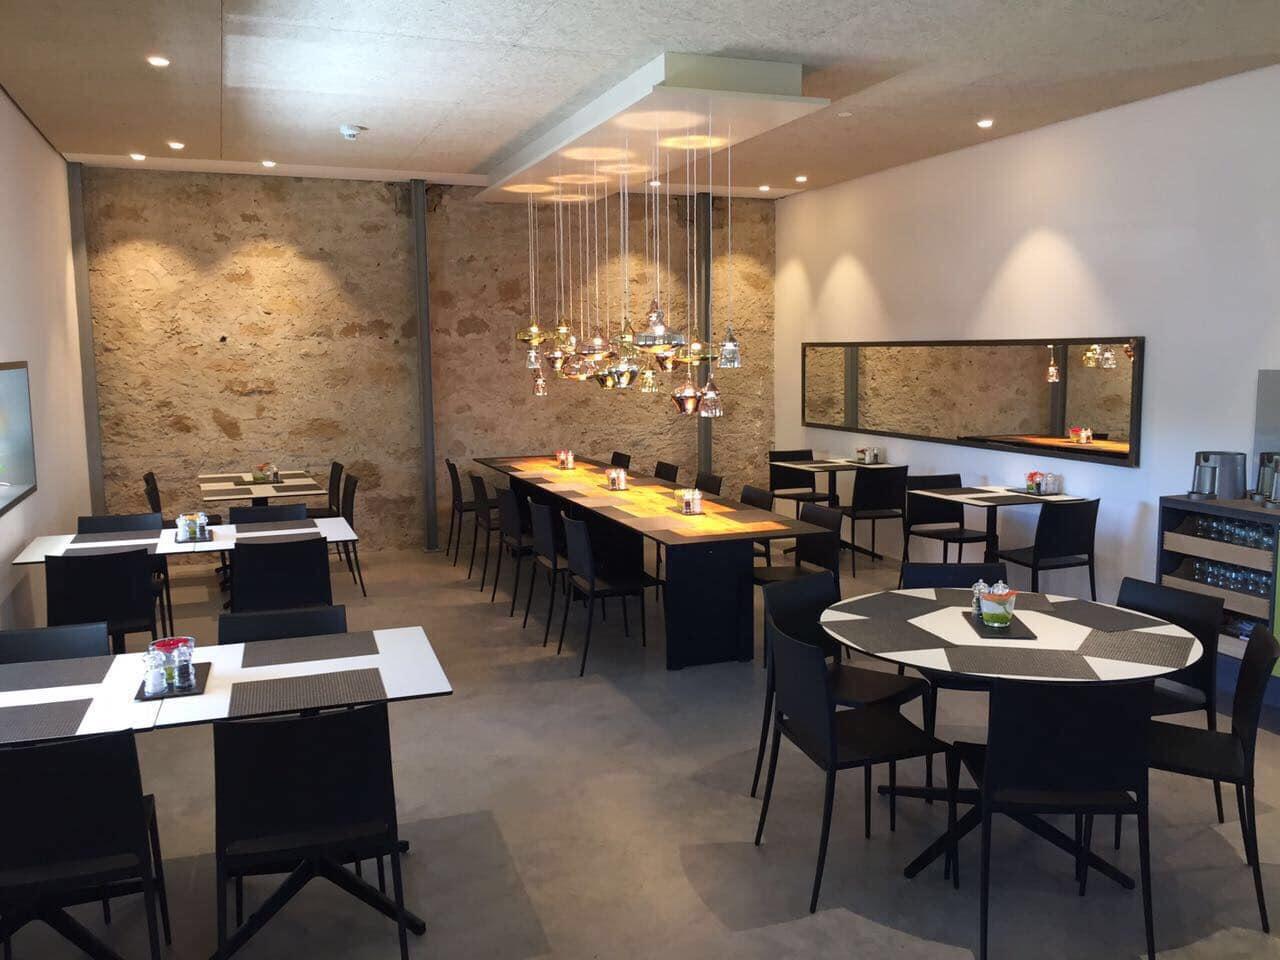 Speisesaal-Beleuchtung im Hotel Bären in Auggen von Lichtraum Freiburg